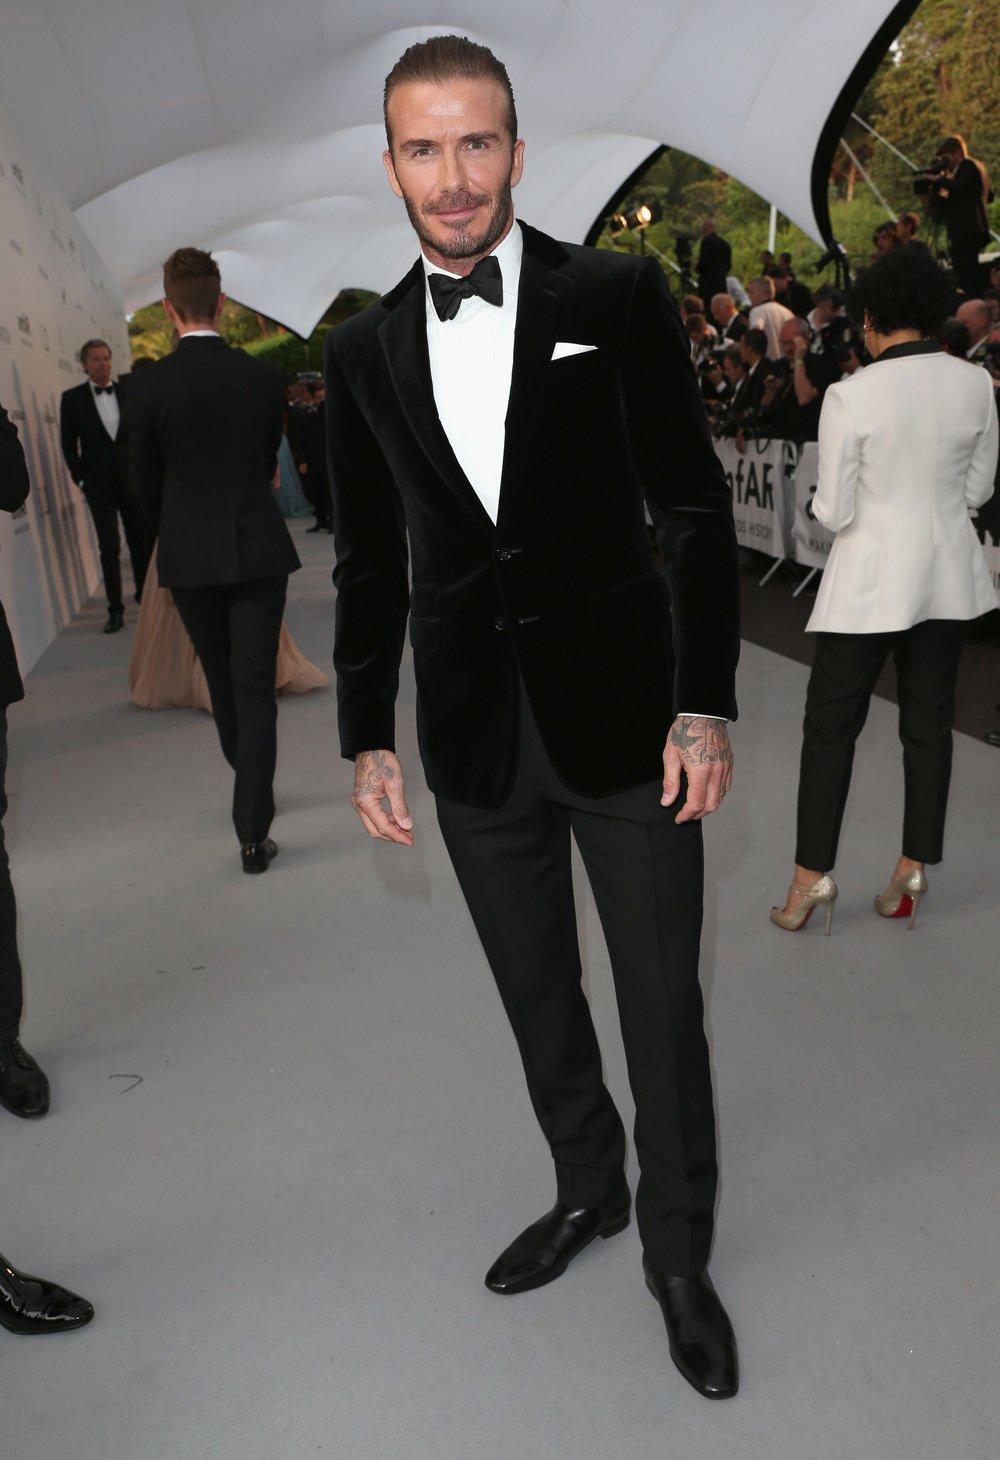 David Beckham Somos fãs do cara. Sempre uma grande referência de estilo em diferentes ocasiões. Dessa vez foi com um paletó aveludado, quebrando um pouco a falsa ideia de que a calça e o casaco devem ser do mesmo tecido. Se combinam, por que não? Destaque para o lenço no bolso e para o inédito cabelo lambido.